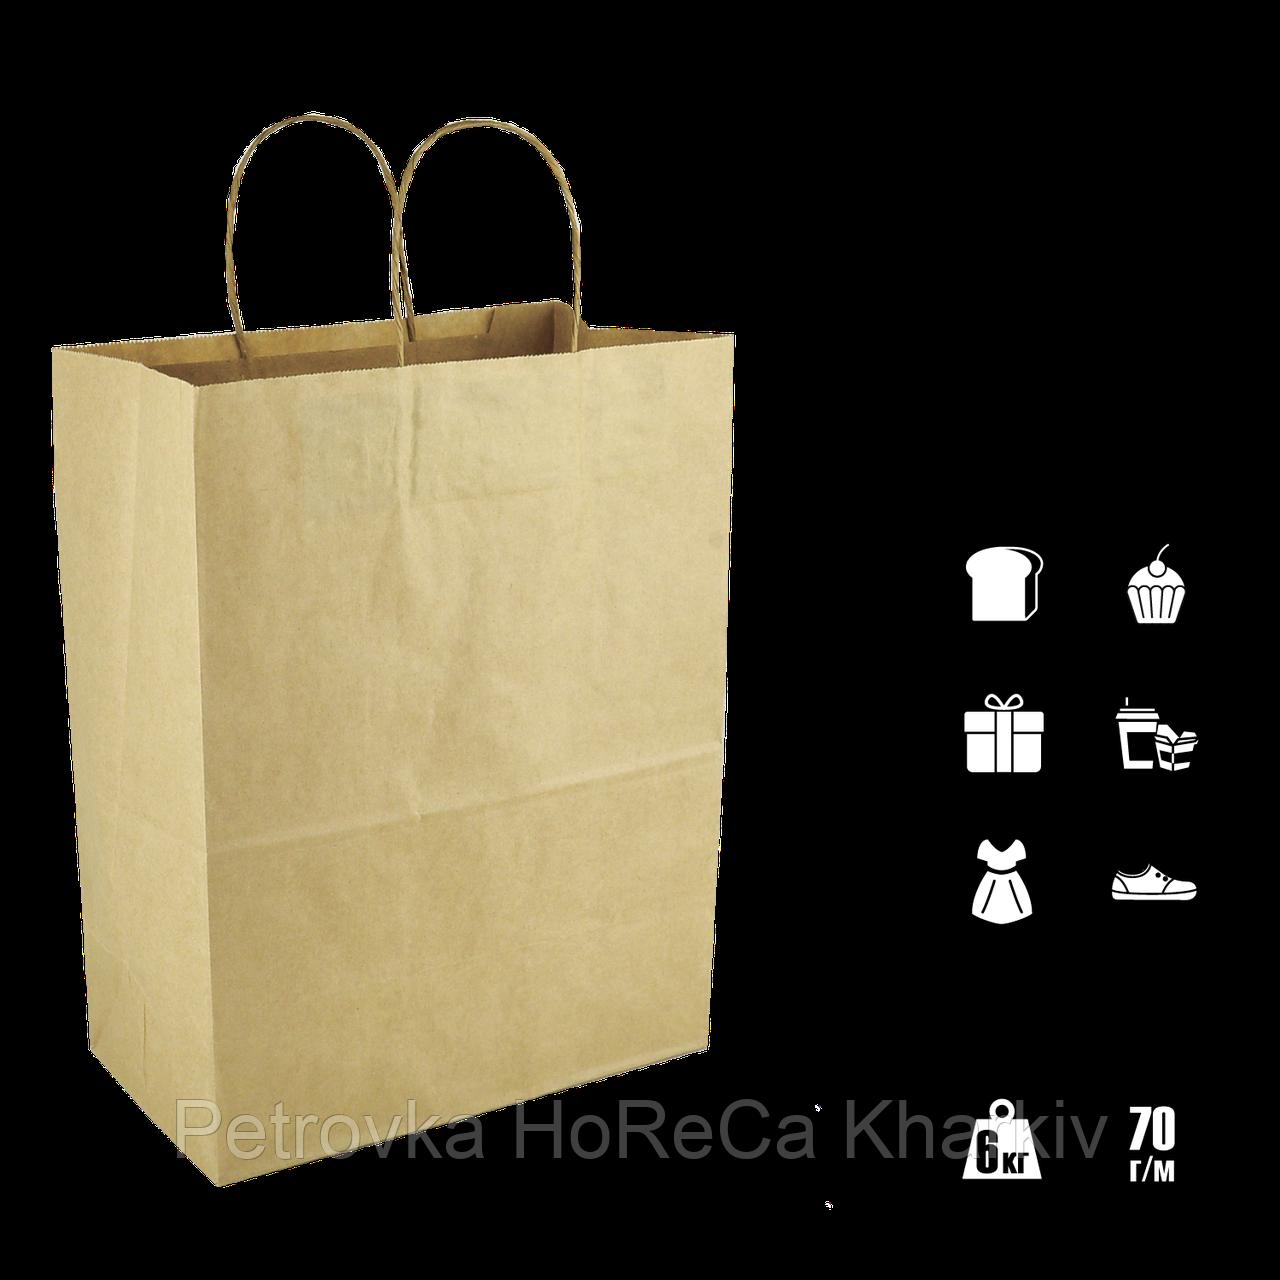 Паперовий пакет крафтовый з крученими ручками 280*160*350мм (Ш. Р. В) Пл 70г Завантаження 6кг (1493)